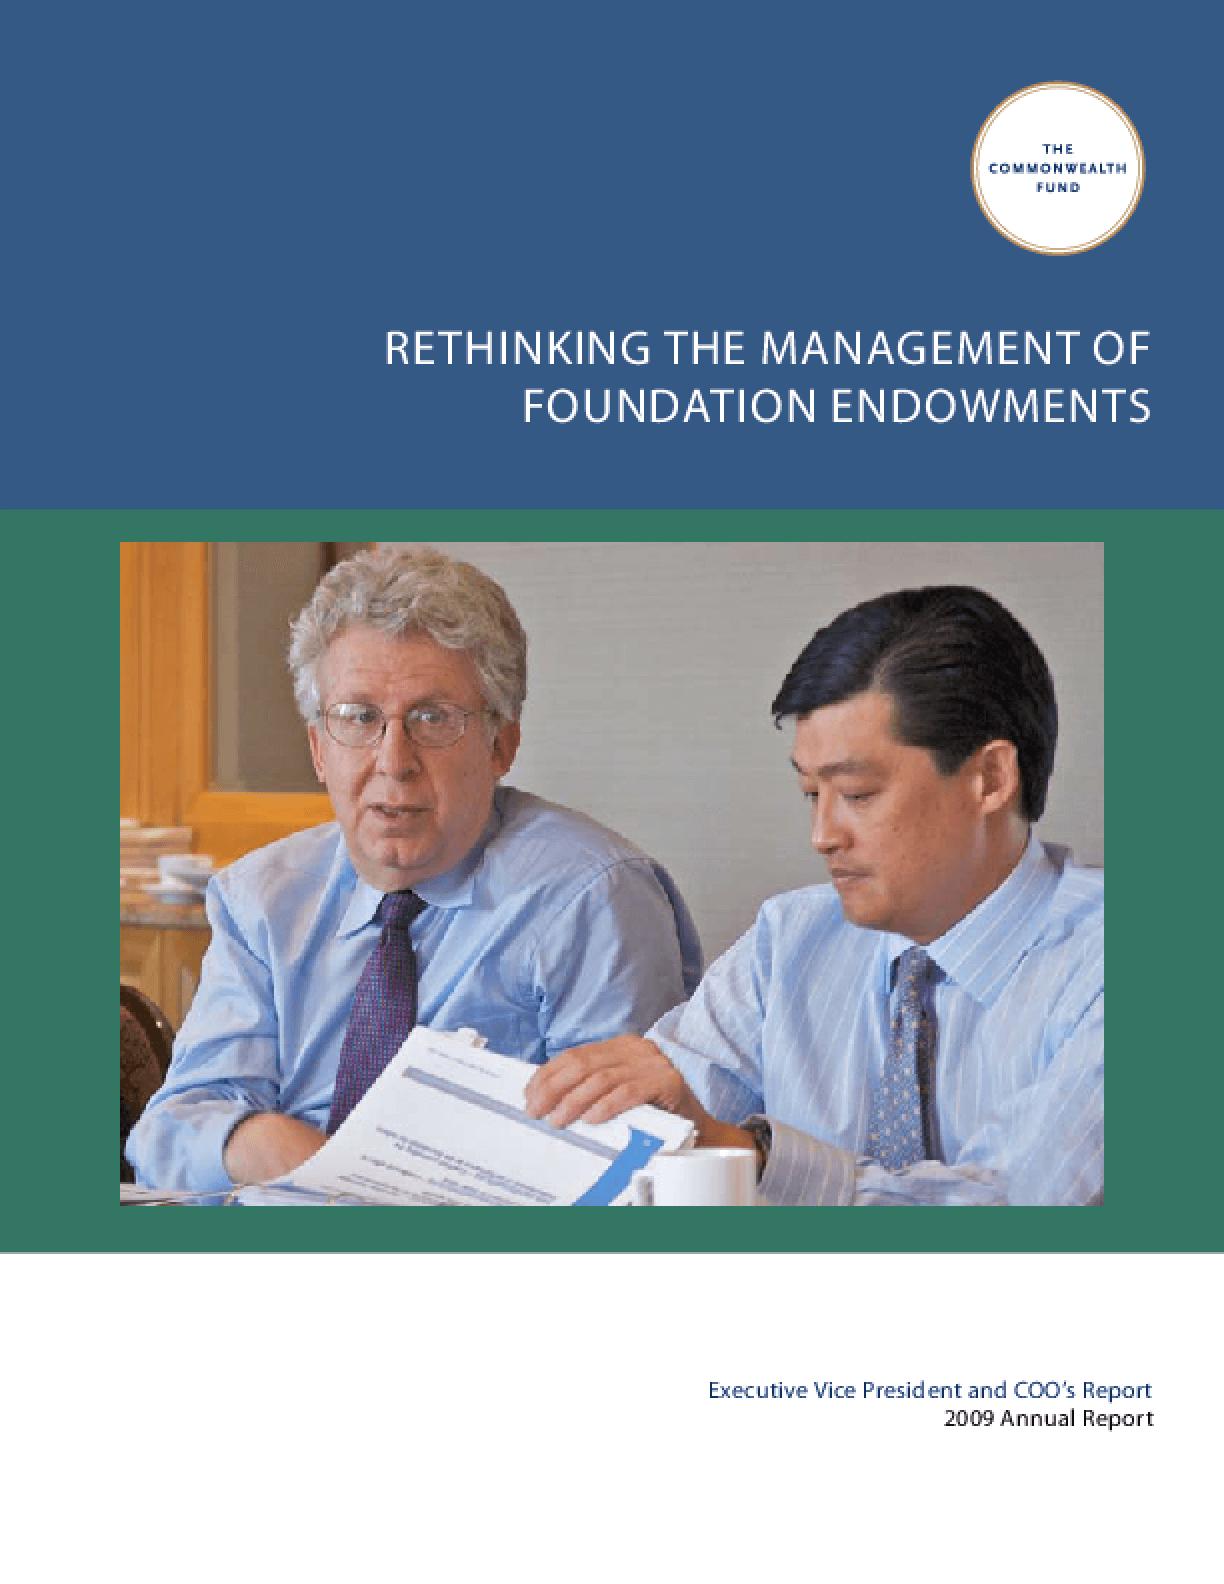 Rethinking the Management of Foundation Endowments